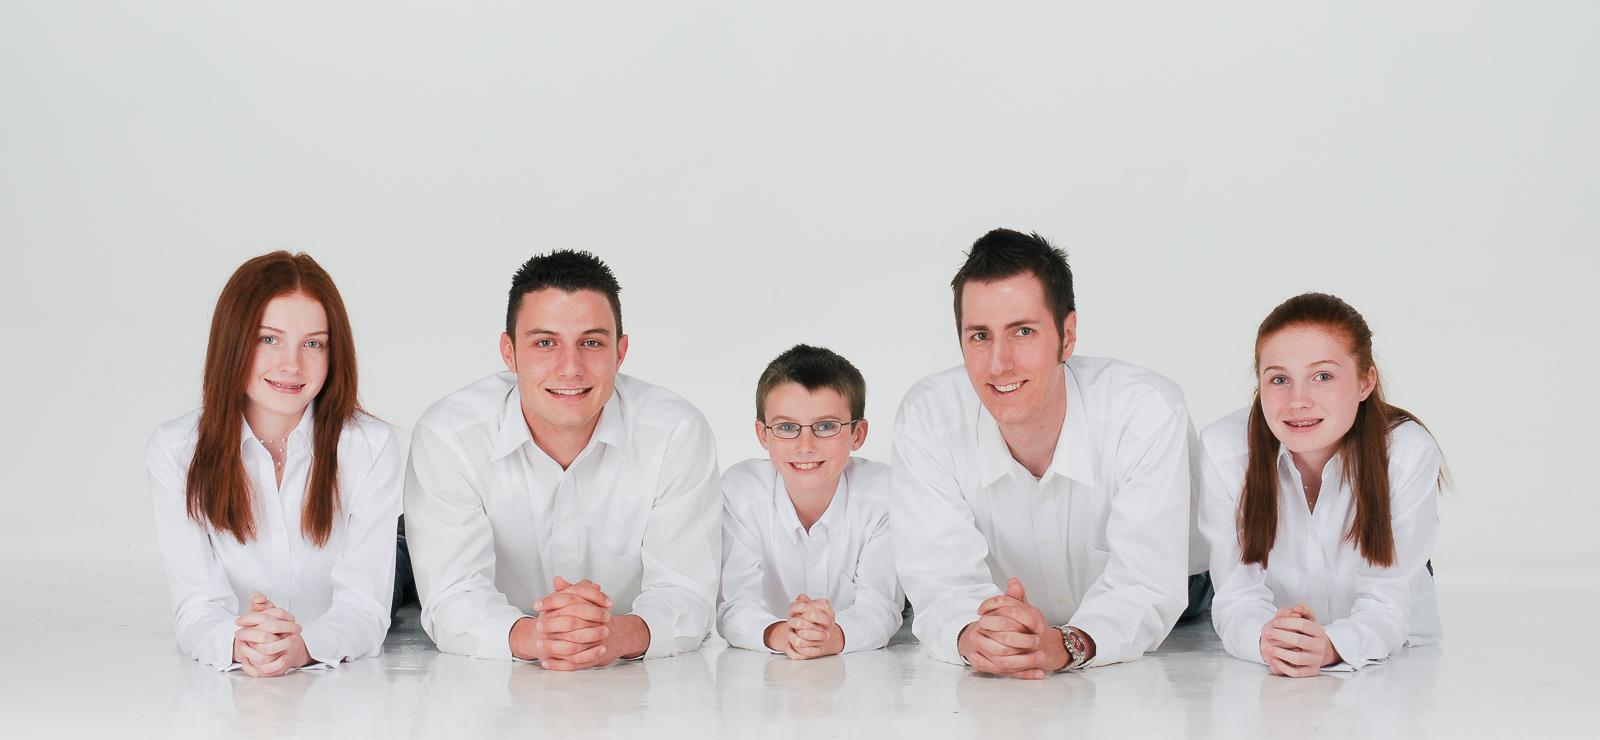 Michael-Napier-Portraits-Families-17.jpg